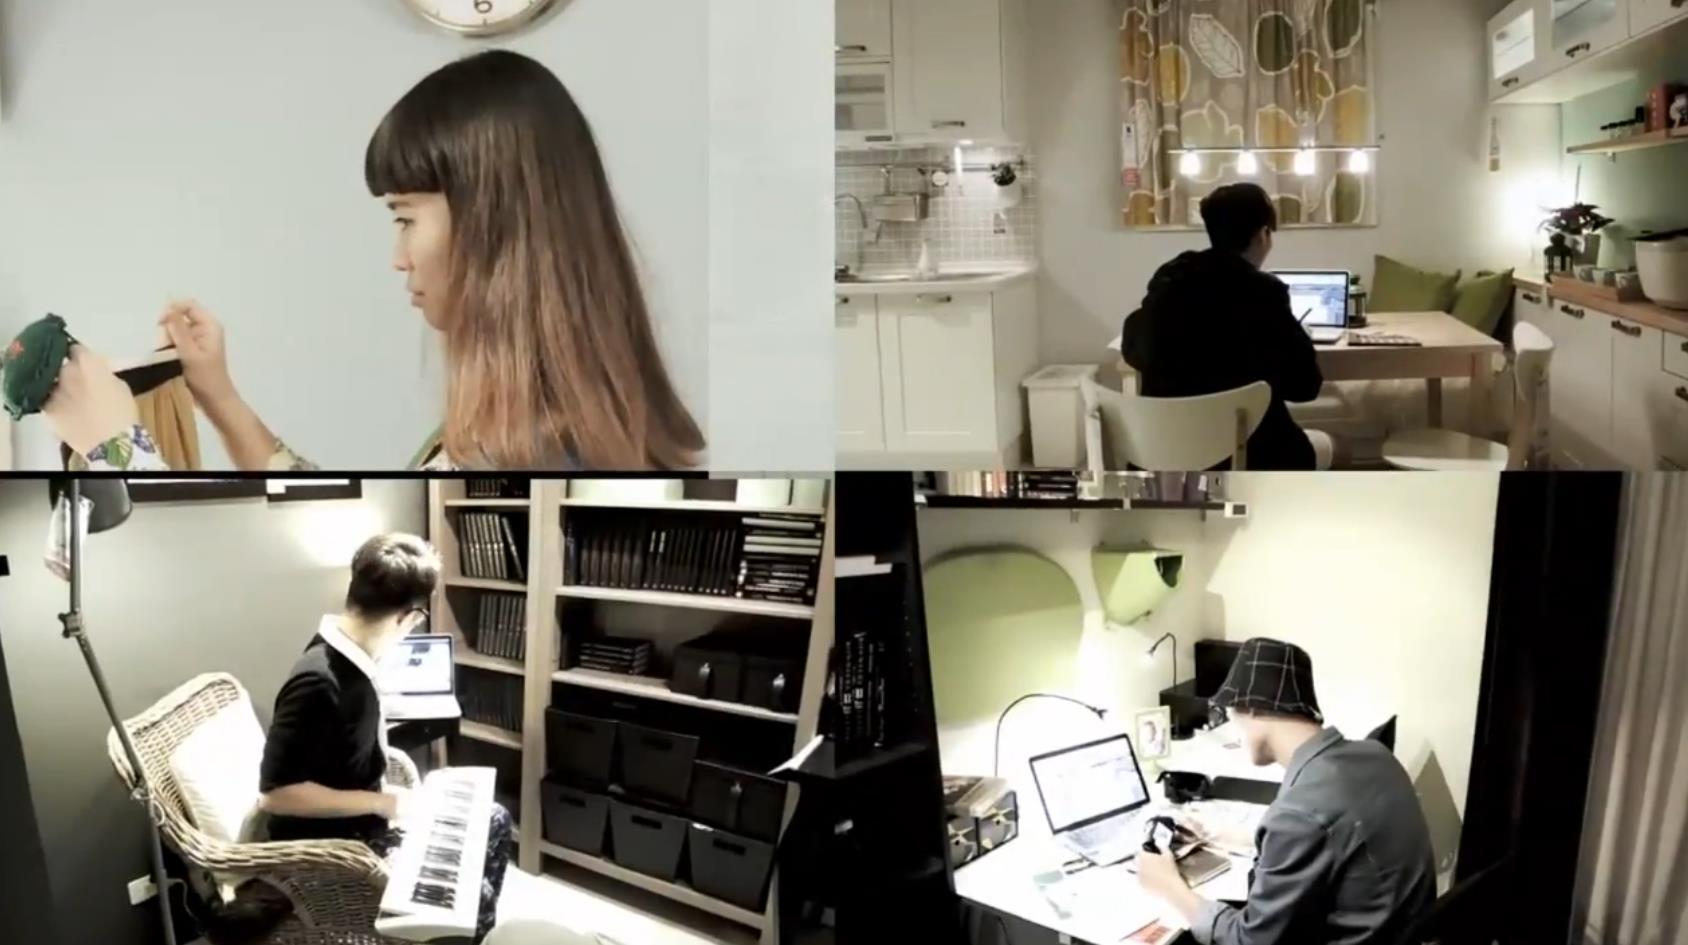 友情伞影像设计工作室形象广告